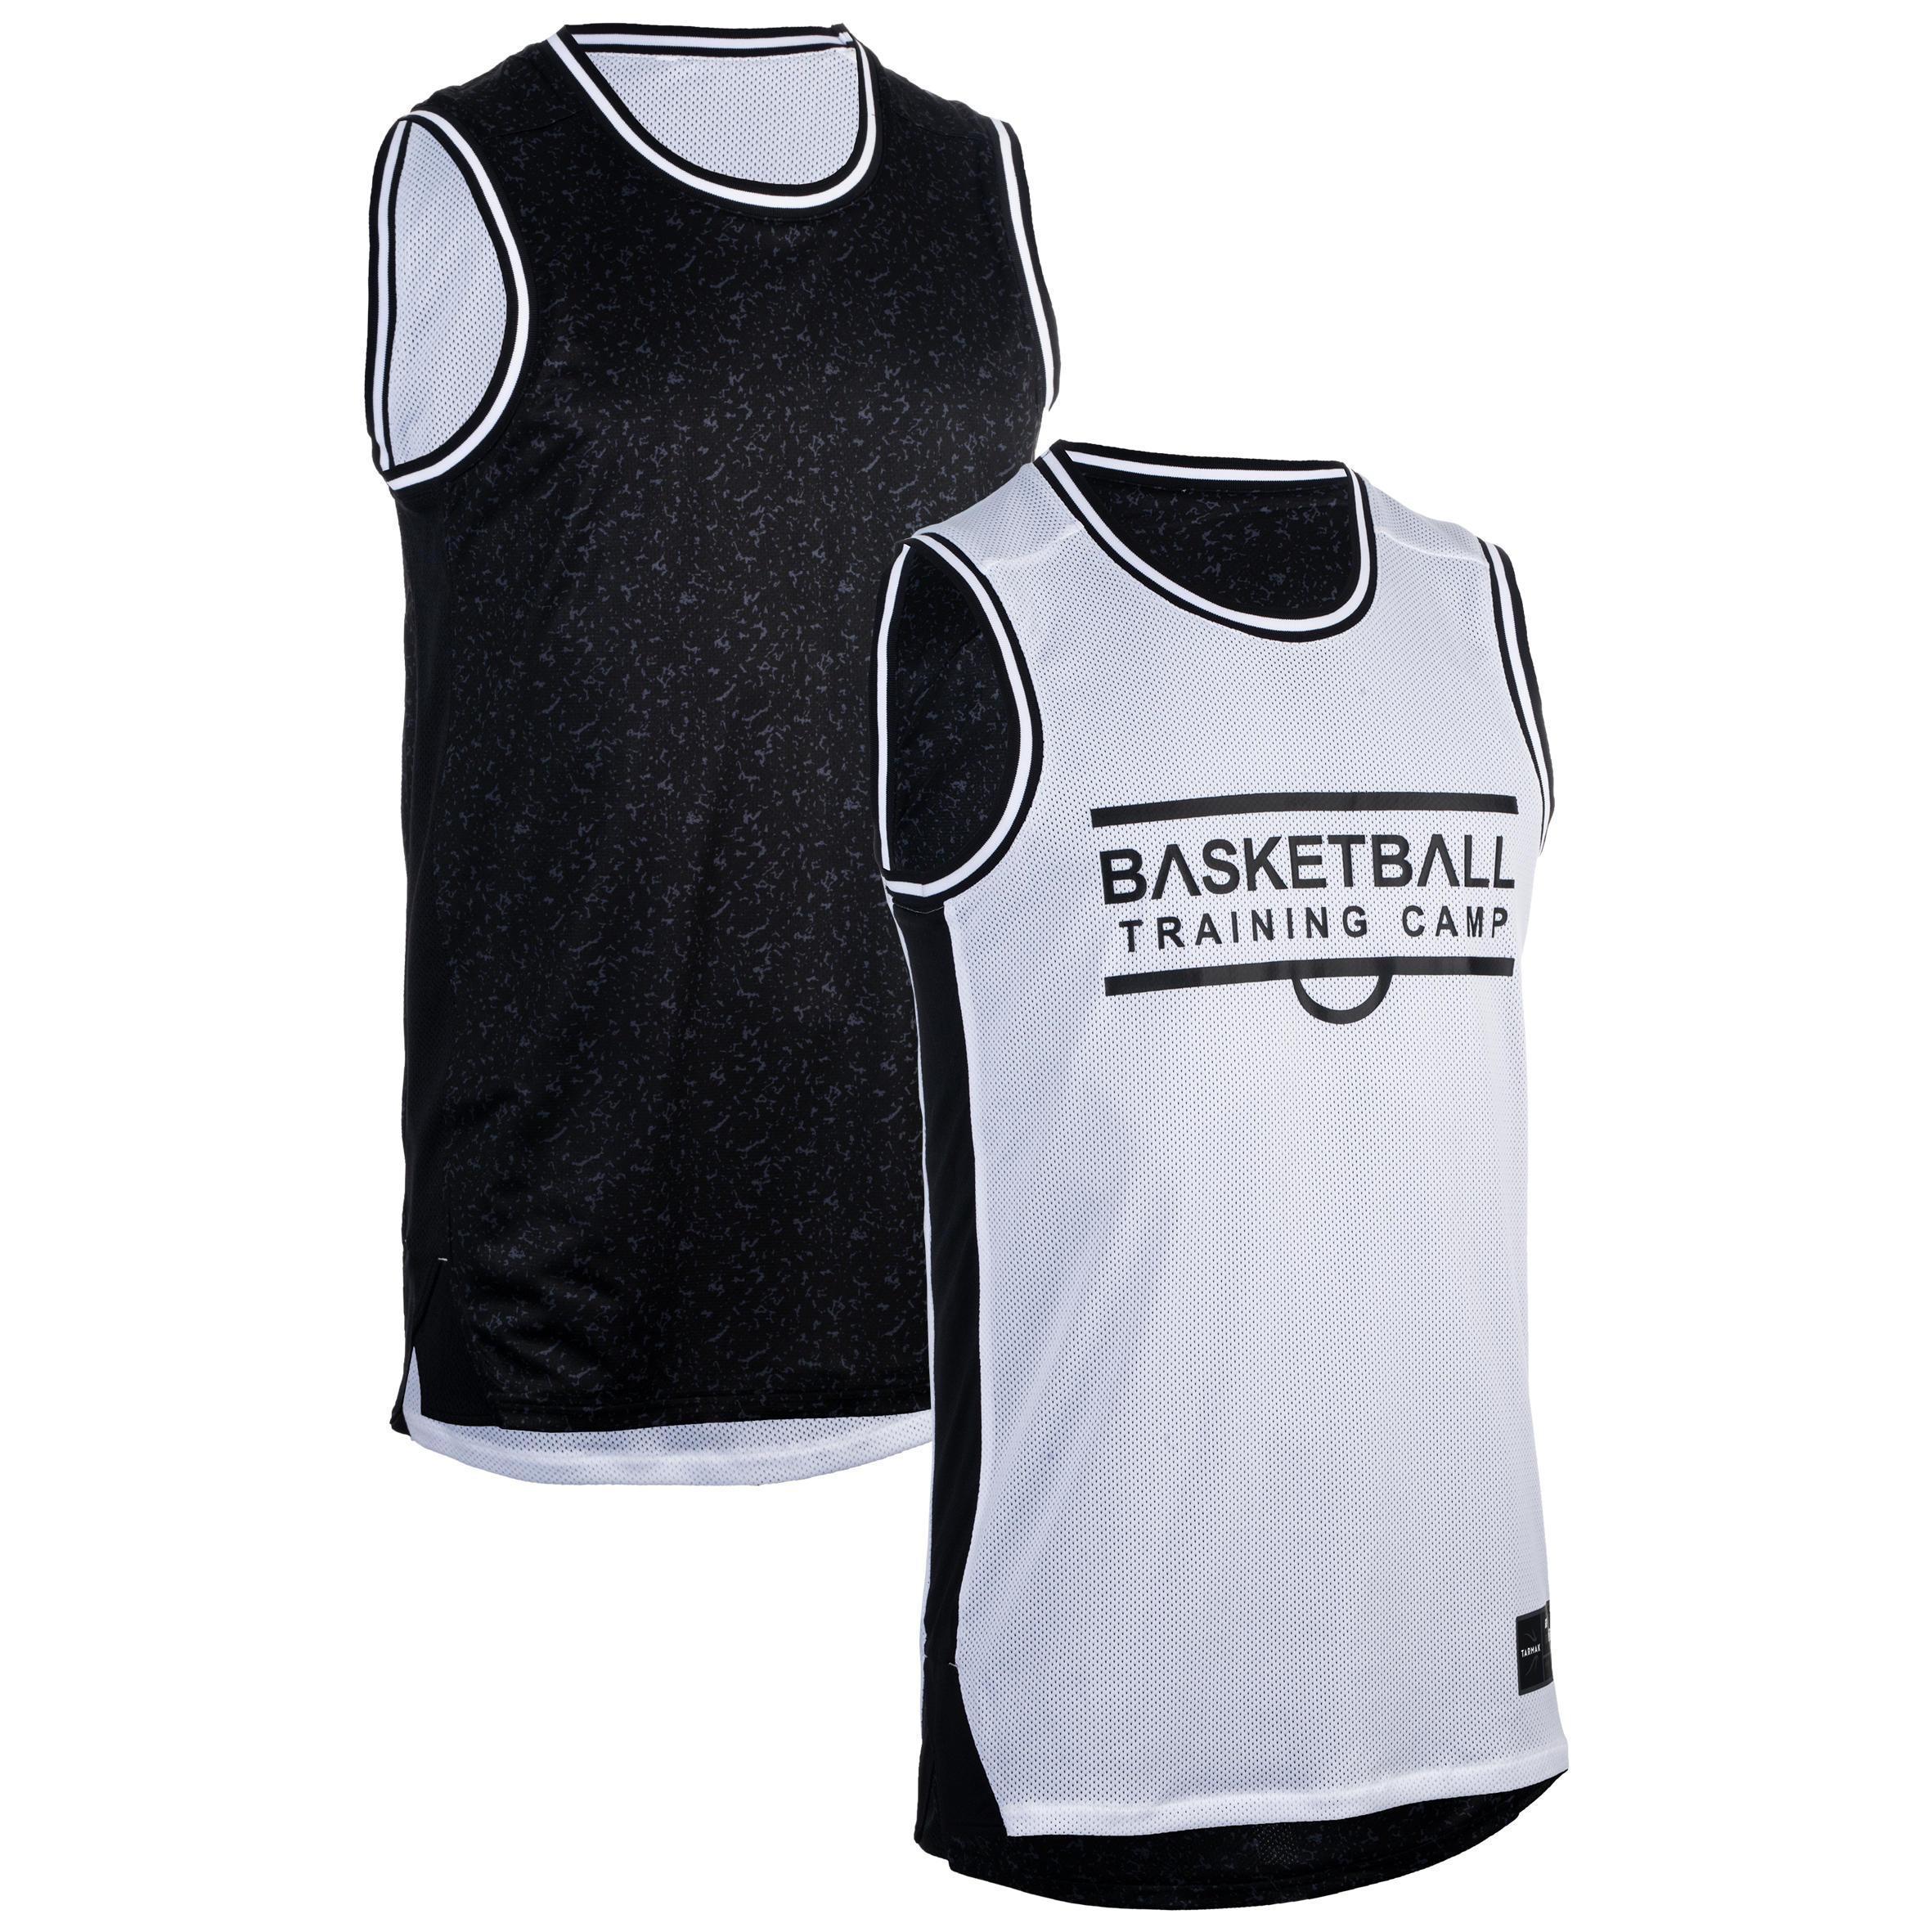 Basketballtrikot ärmellos wendbar Herren Fortgeschrittene | Sportbekleidung > Trikots > Basketballtrikots | Schwarz - Weiß | Tarmak